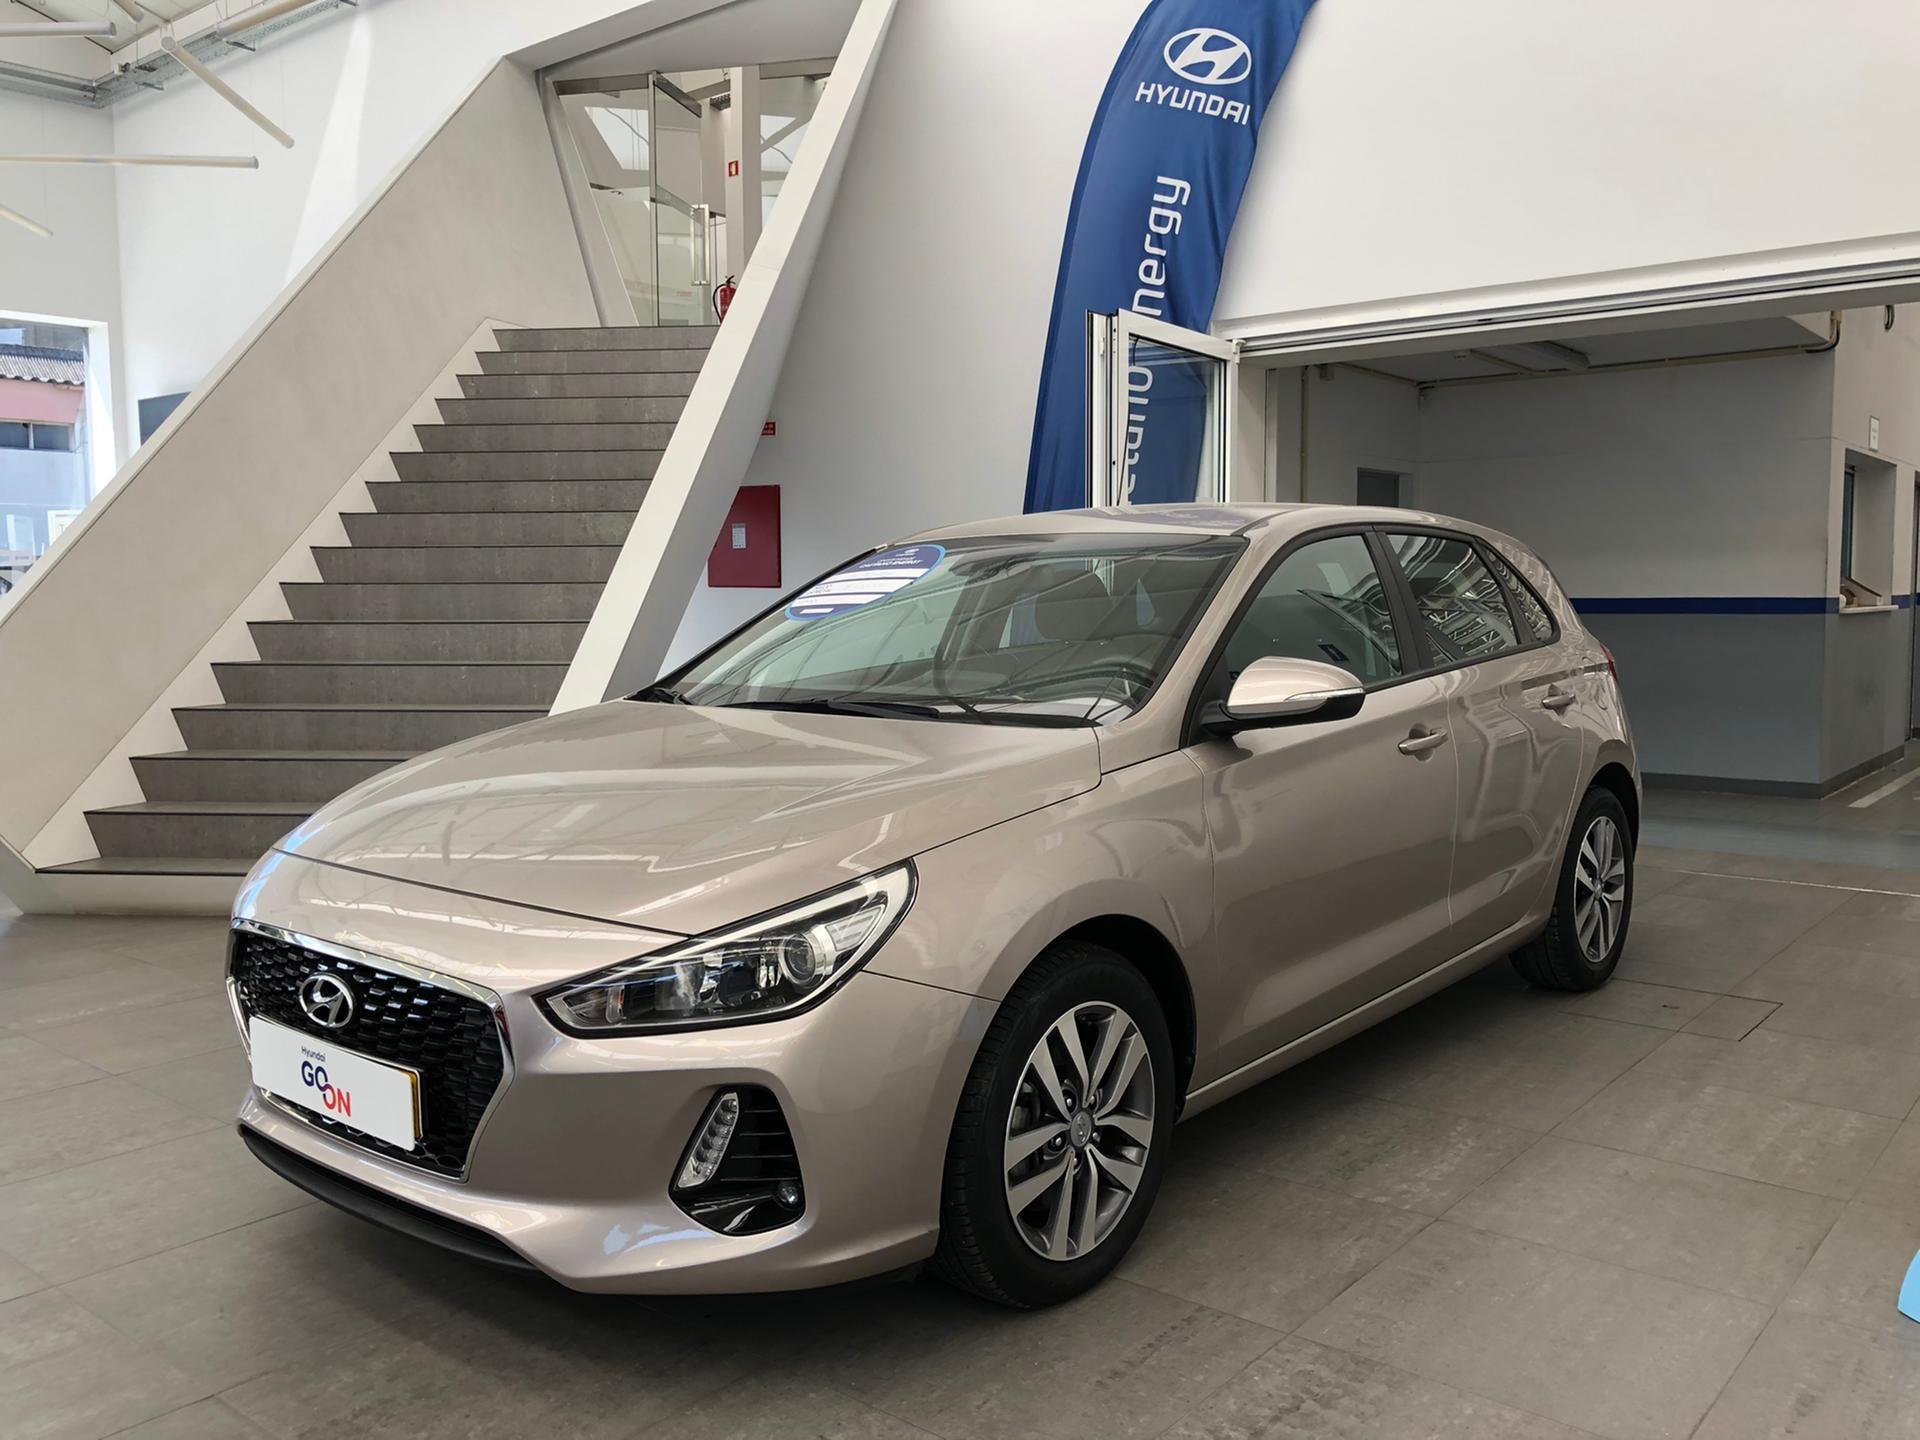 Hyundai i30 5P 1.6 CRDi COMFORT + NAVI 110CV  segunda mão Porto